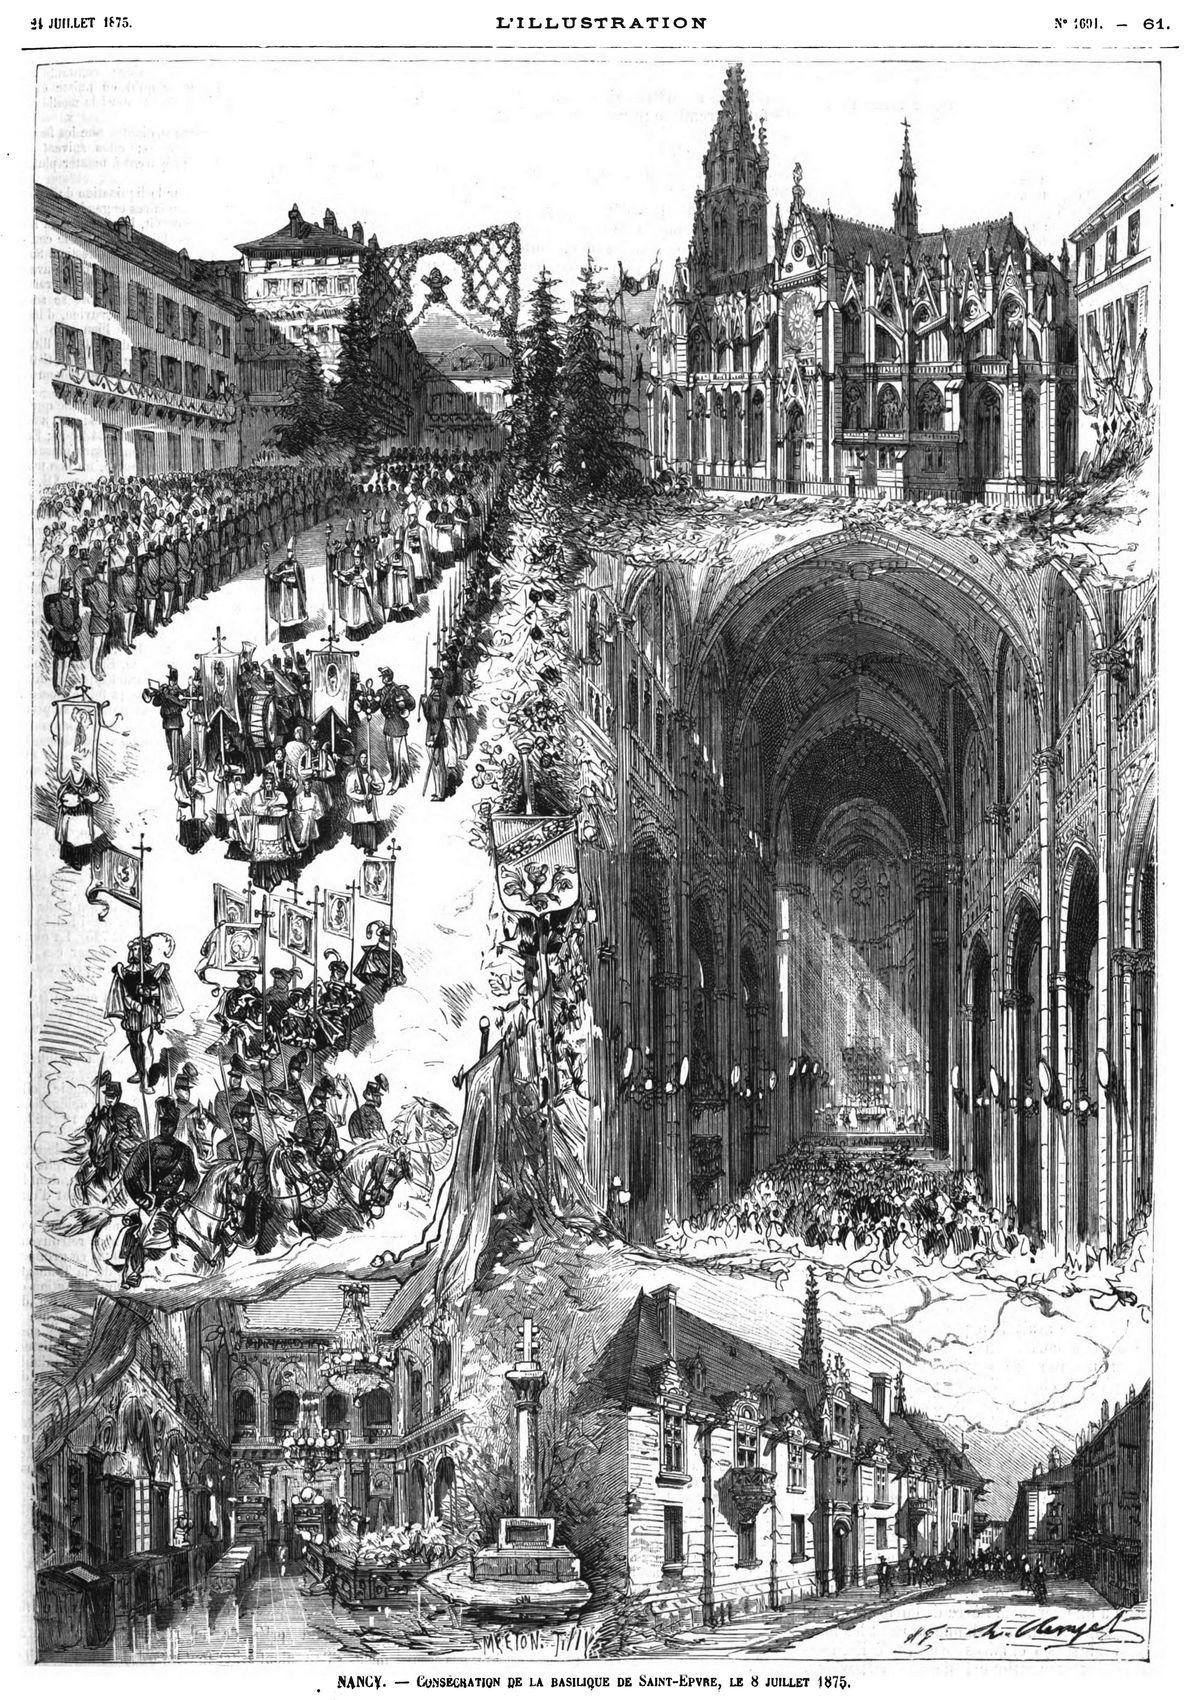 Nancy : consécration de la basilique de Saint-Epyre, le 8 juillet 1875.